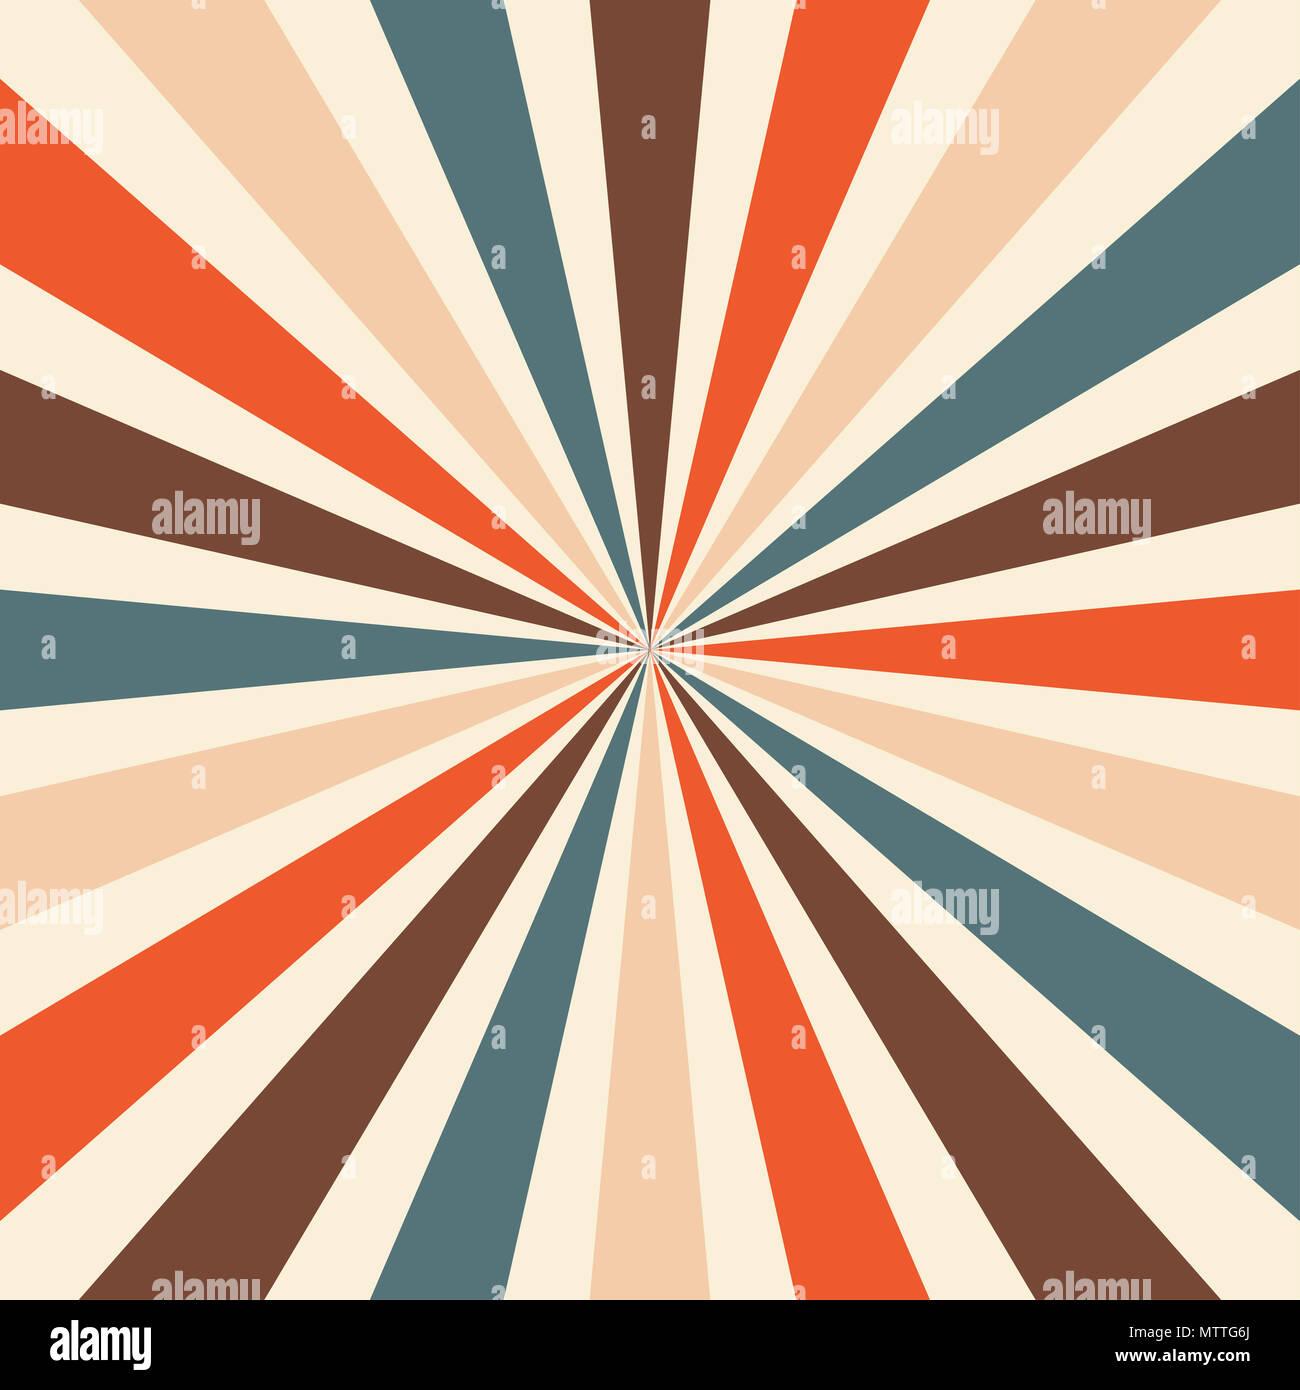 Starburst Or Sunburst Background Pattern With A Vintage Color